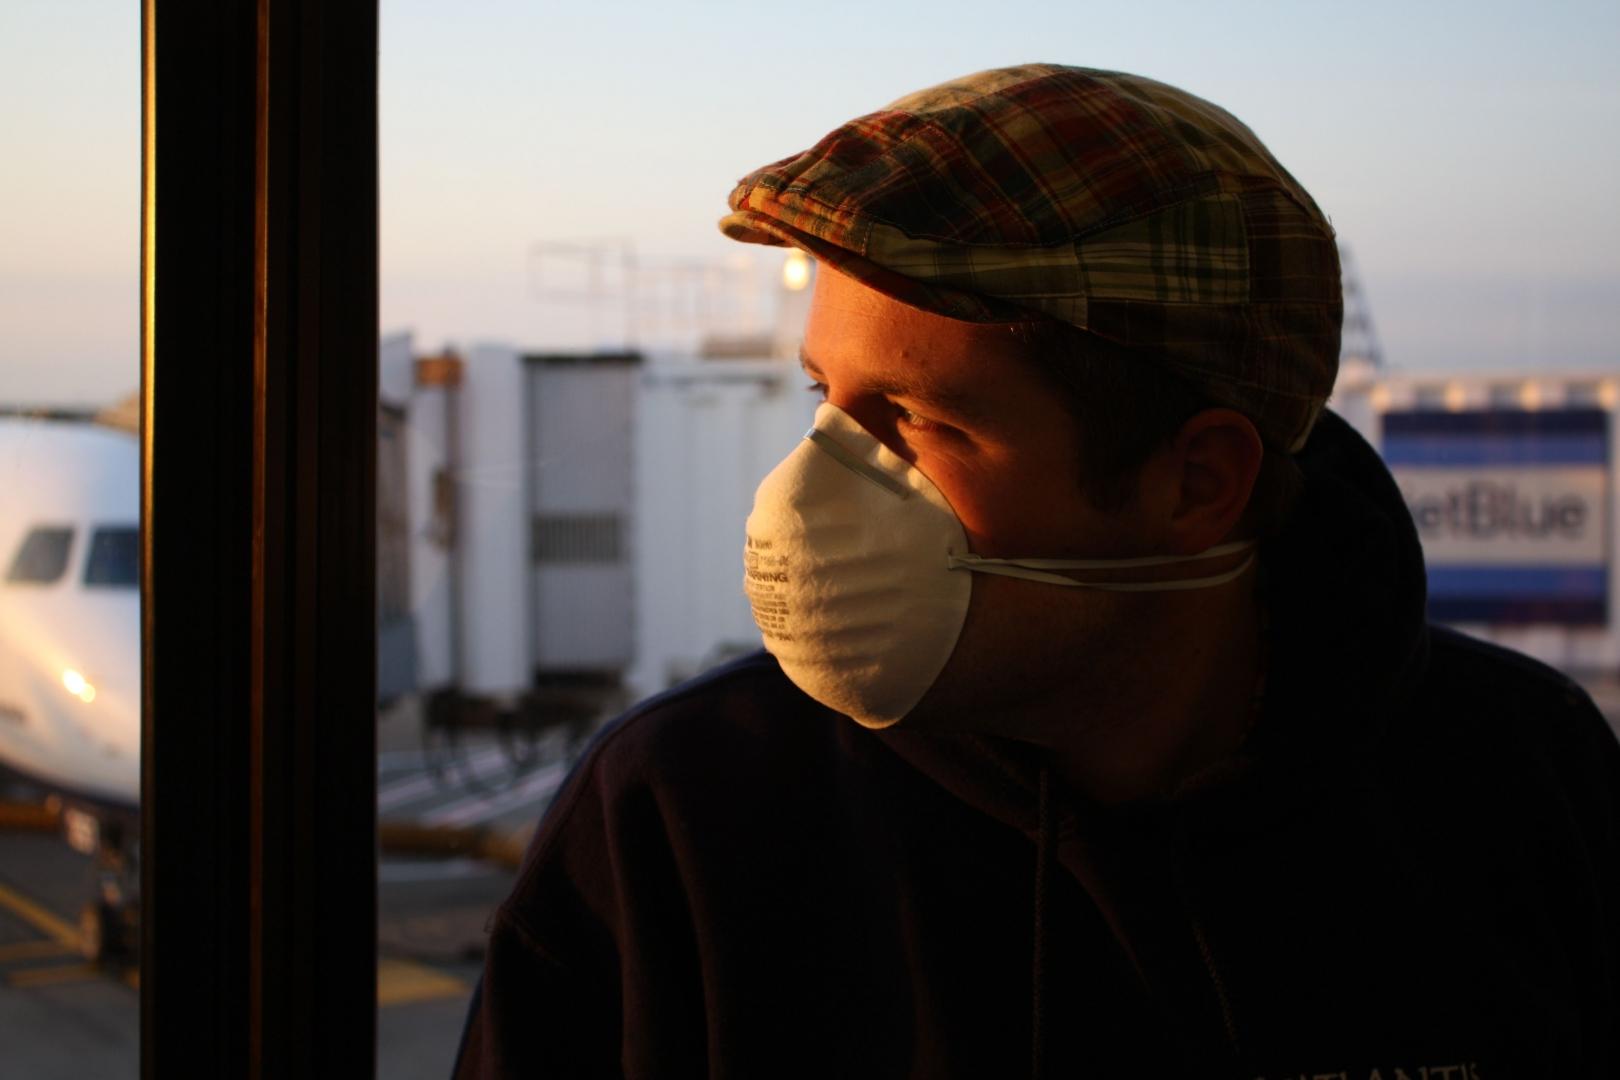 Врач рассказал о главной ошибке при пандемии коронавируса